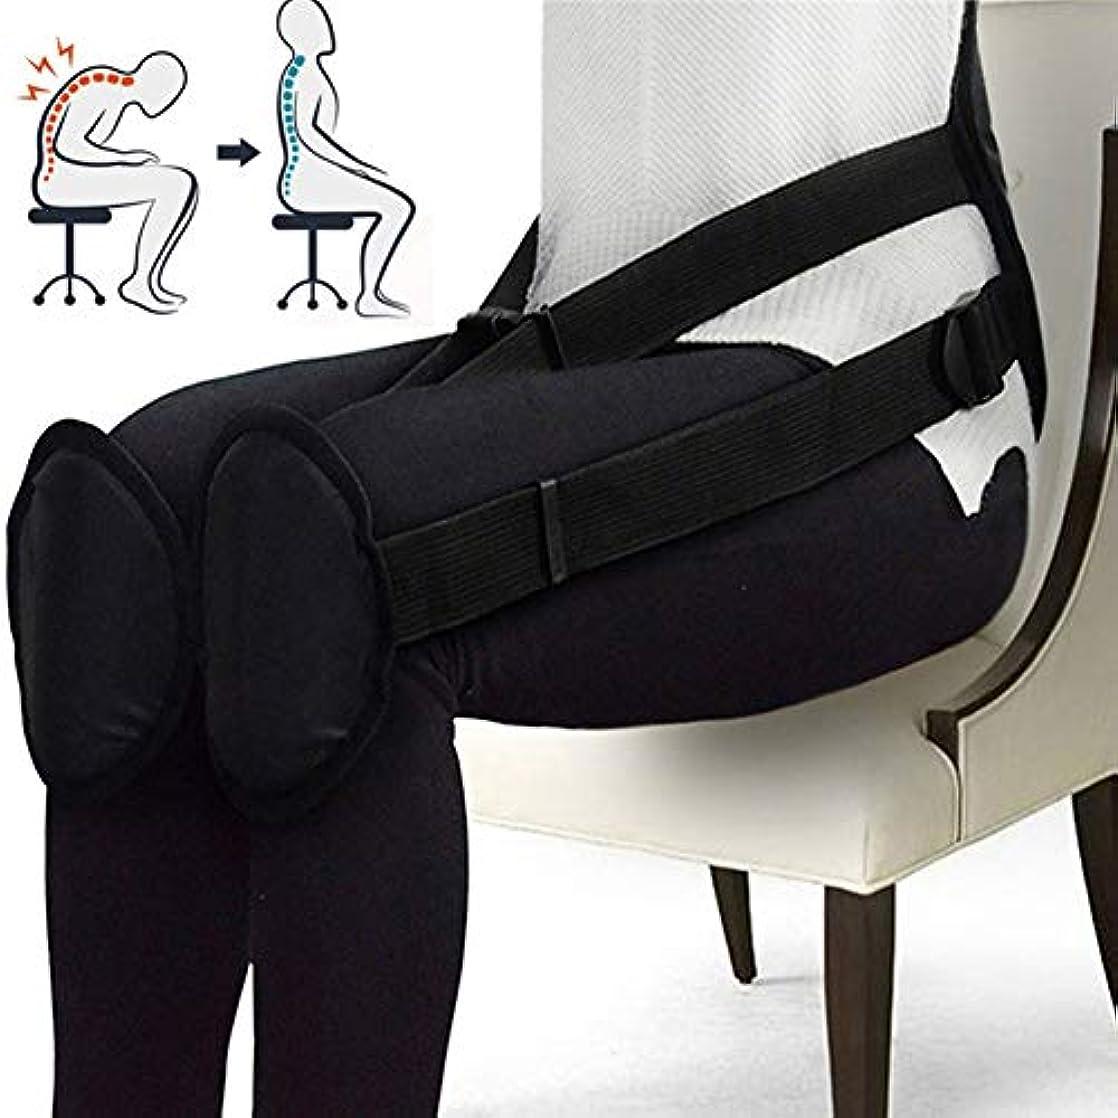 パール突進四回正しい背部姿勢、より良い座位姿勢のための背部サポートパッド、および腰部の痛みの軽減のための矯正ブレース人間工学に基づいたウエストプロテクター